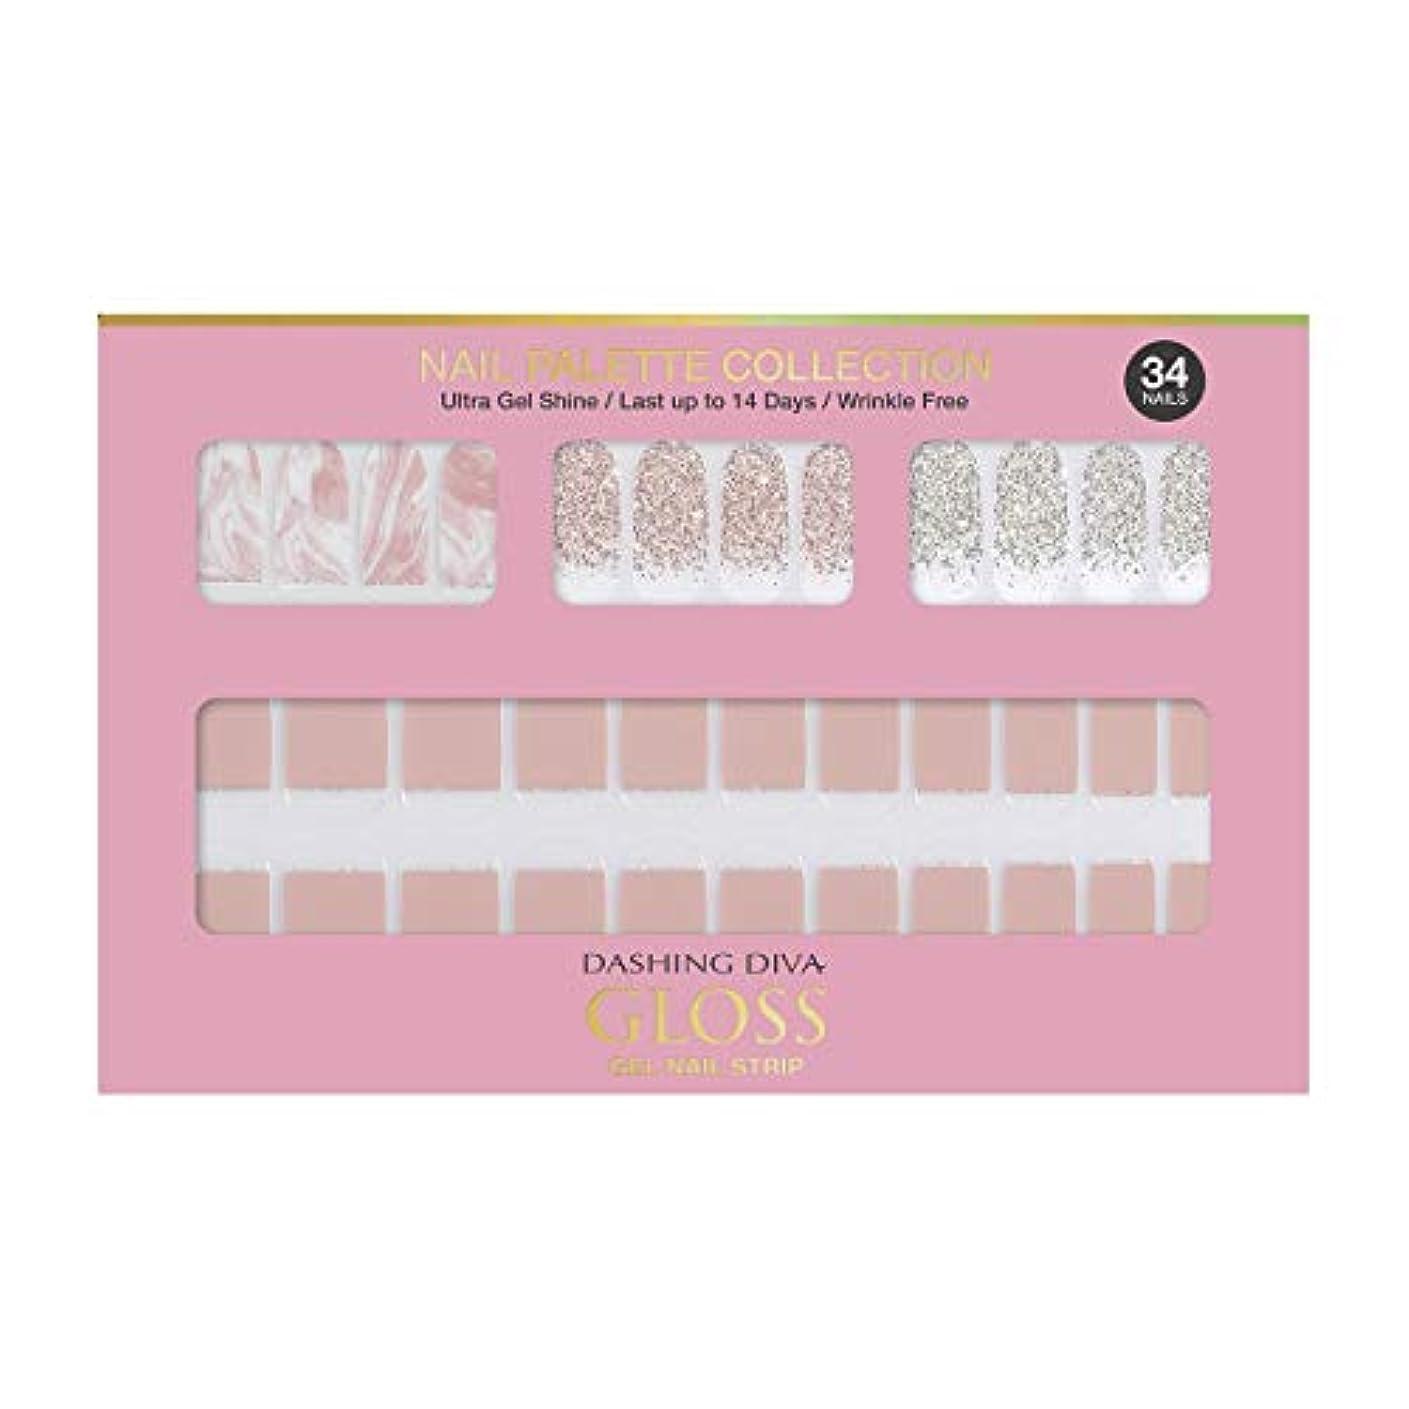 ダッシングディバ グロスジェル ネイルストリップ DASHING DIVA Gloss Gel Nail Strip DGNP03-DURY+ オリジナルジェル ネイルシール Rosy #03 Strawberry Latte